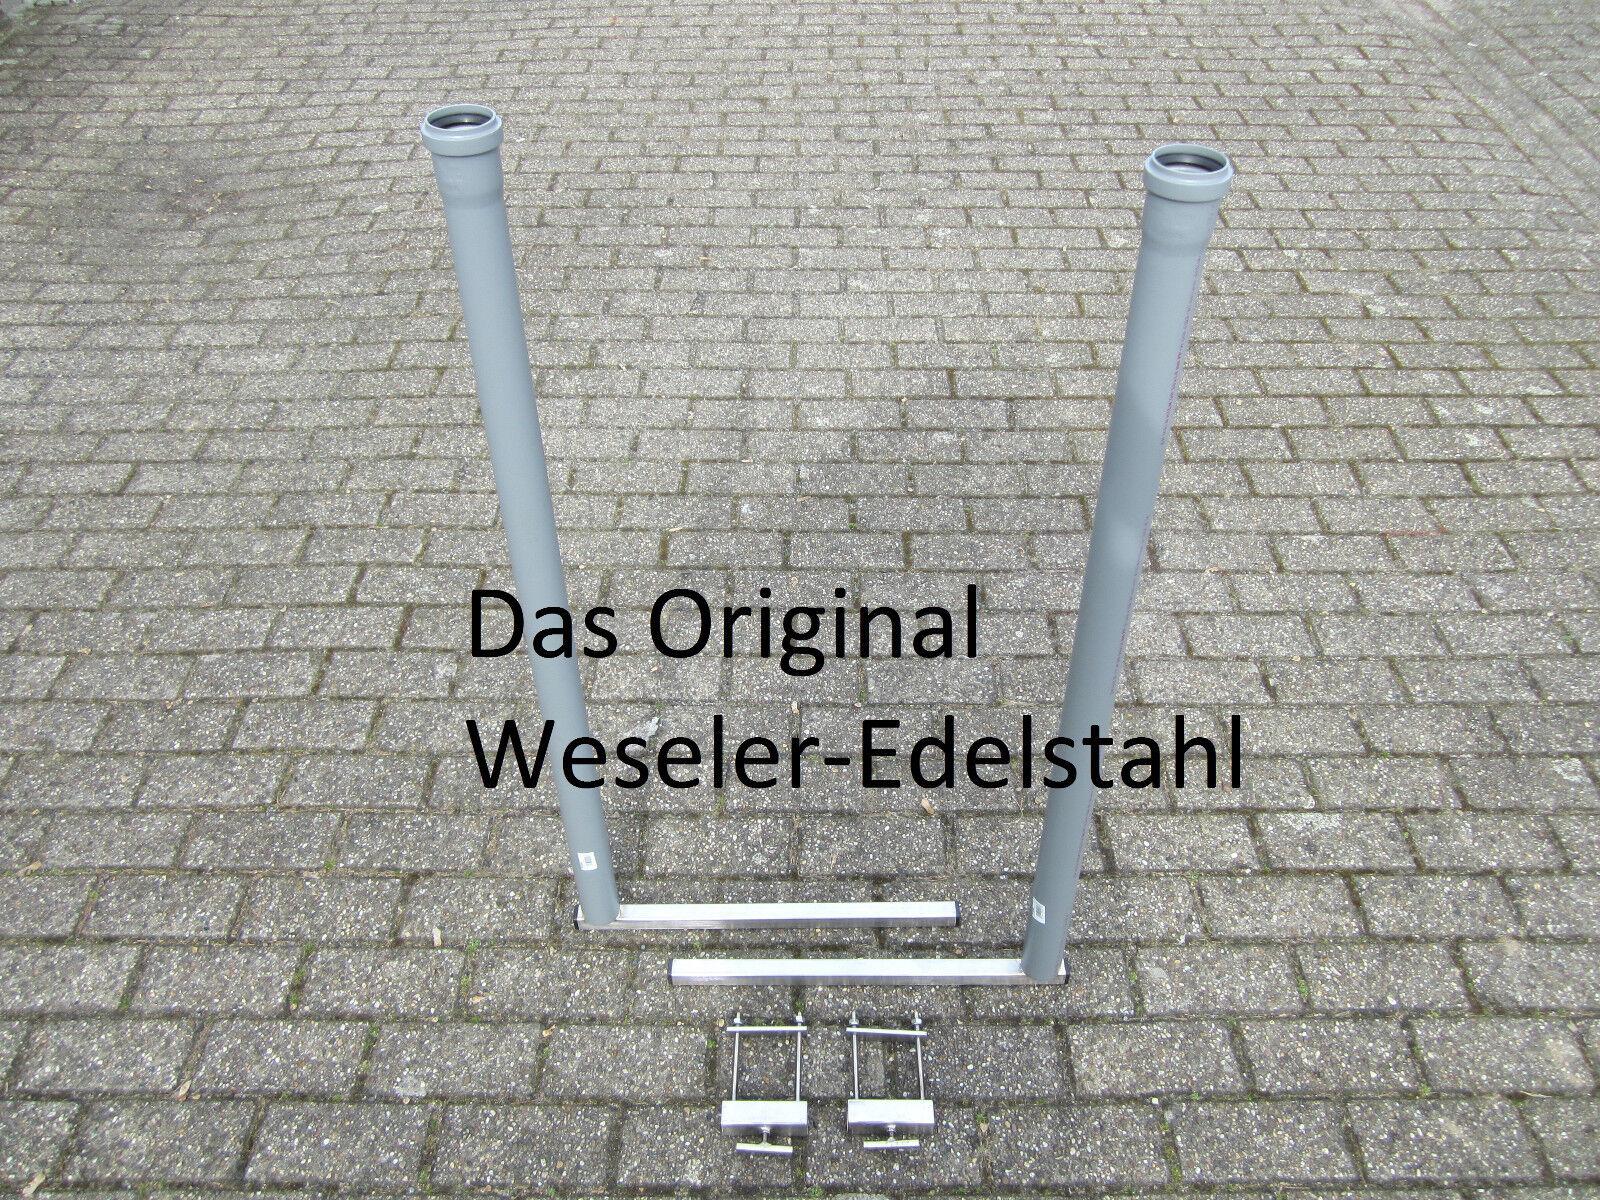 Sliphilfe / Trailerbegrenzung / Einfahrhilfe / Stiefeltrailer